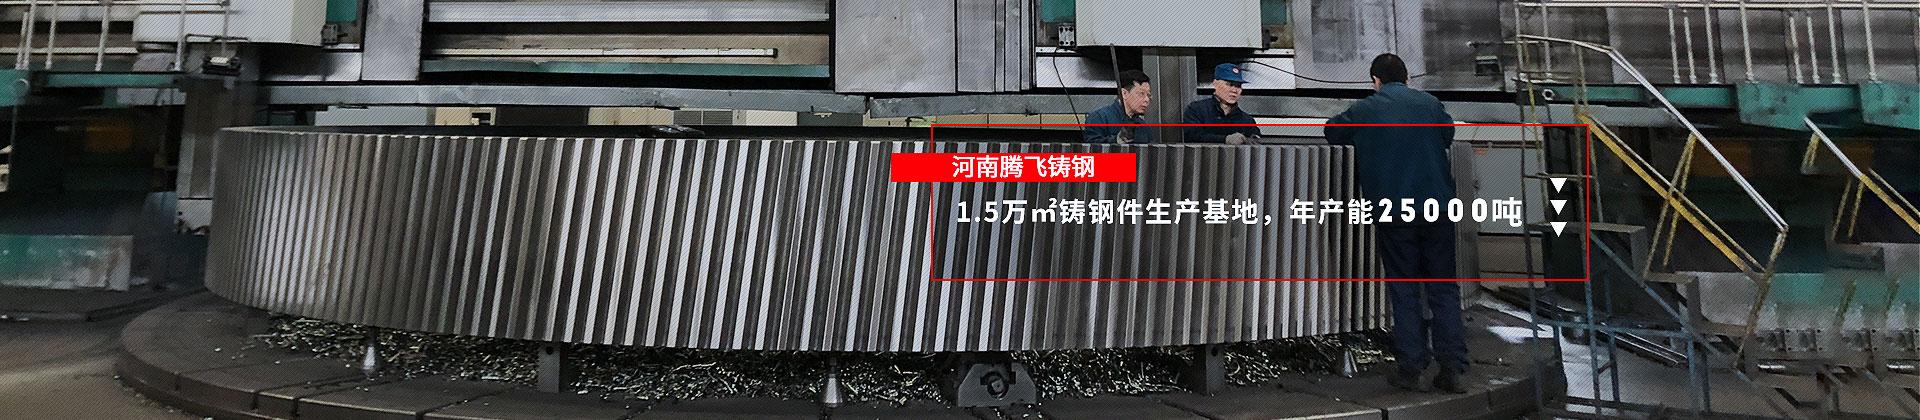 河南腾飞铸钢,1.5万㎡铸钢件生产基地,年产量25000吨